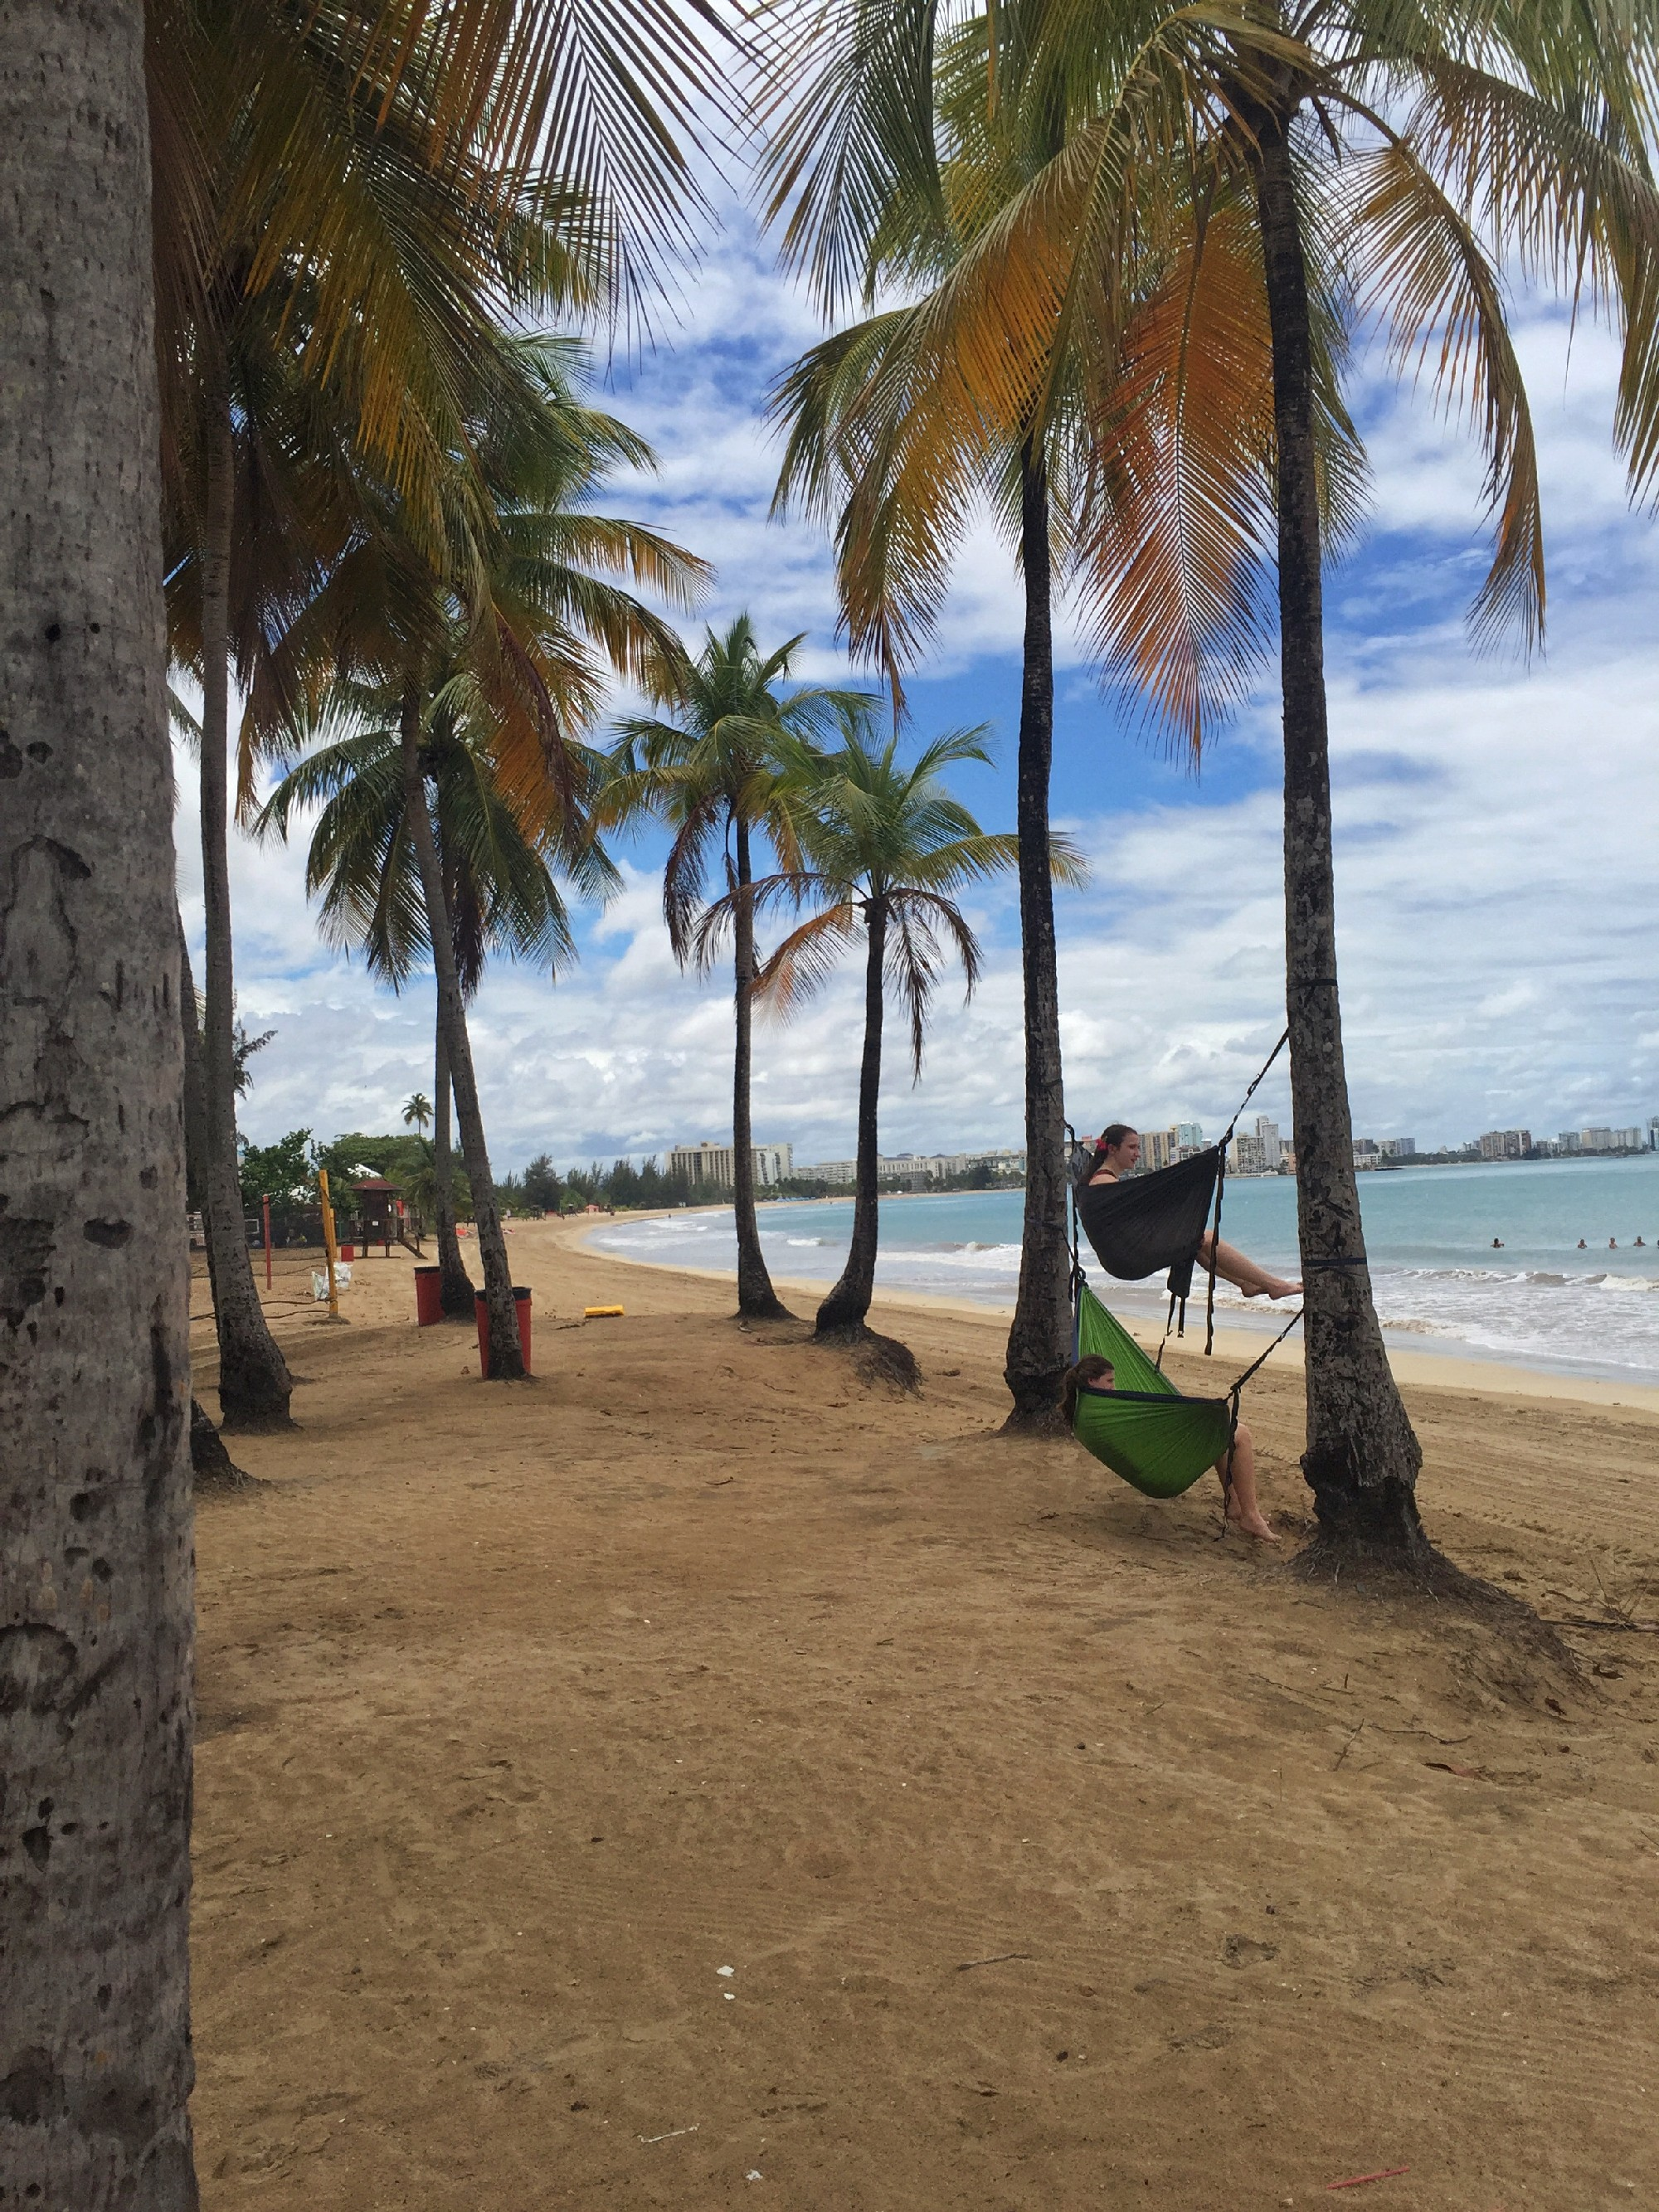 Puerto Rico - Adam Vossen